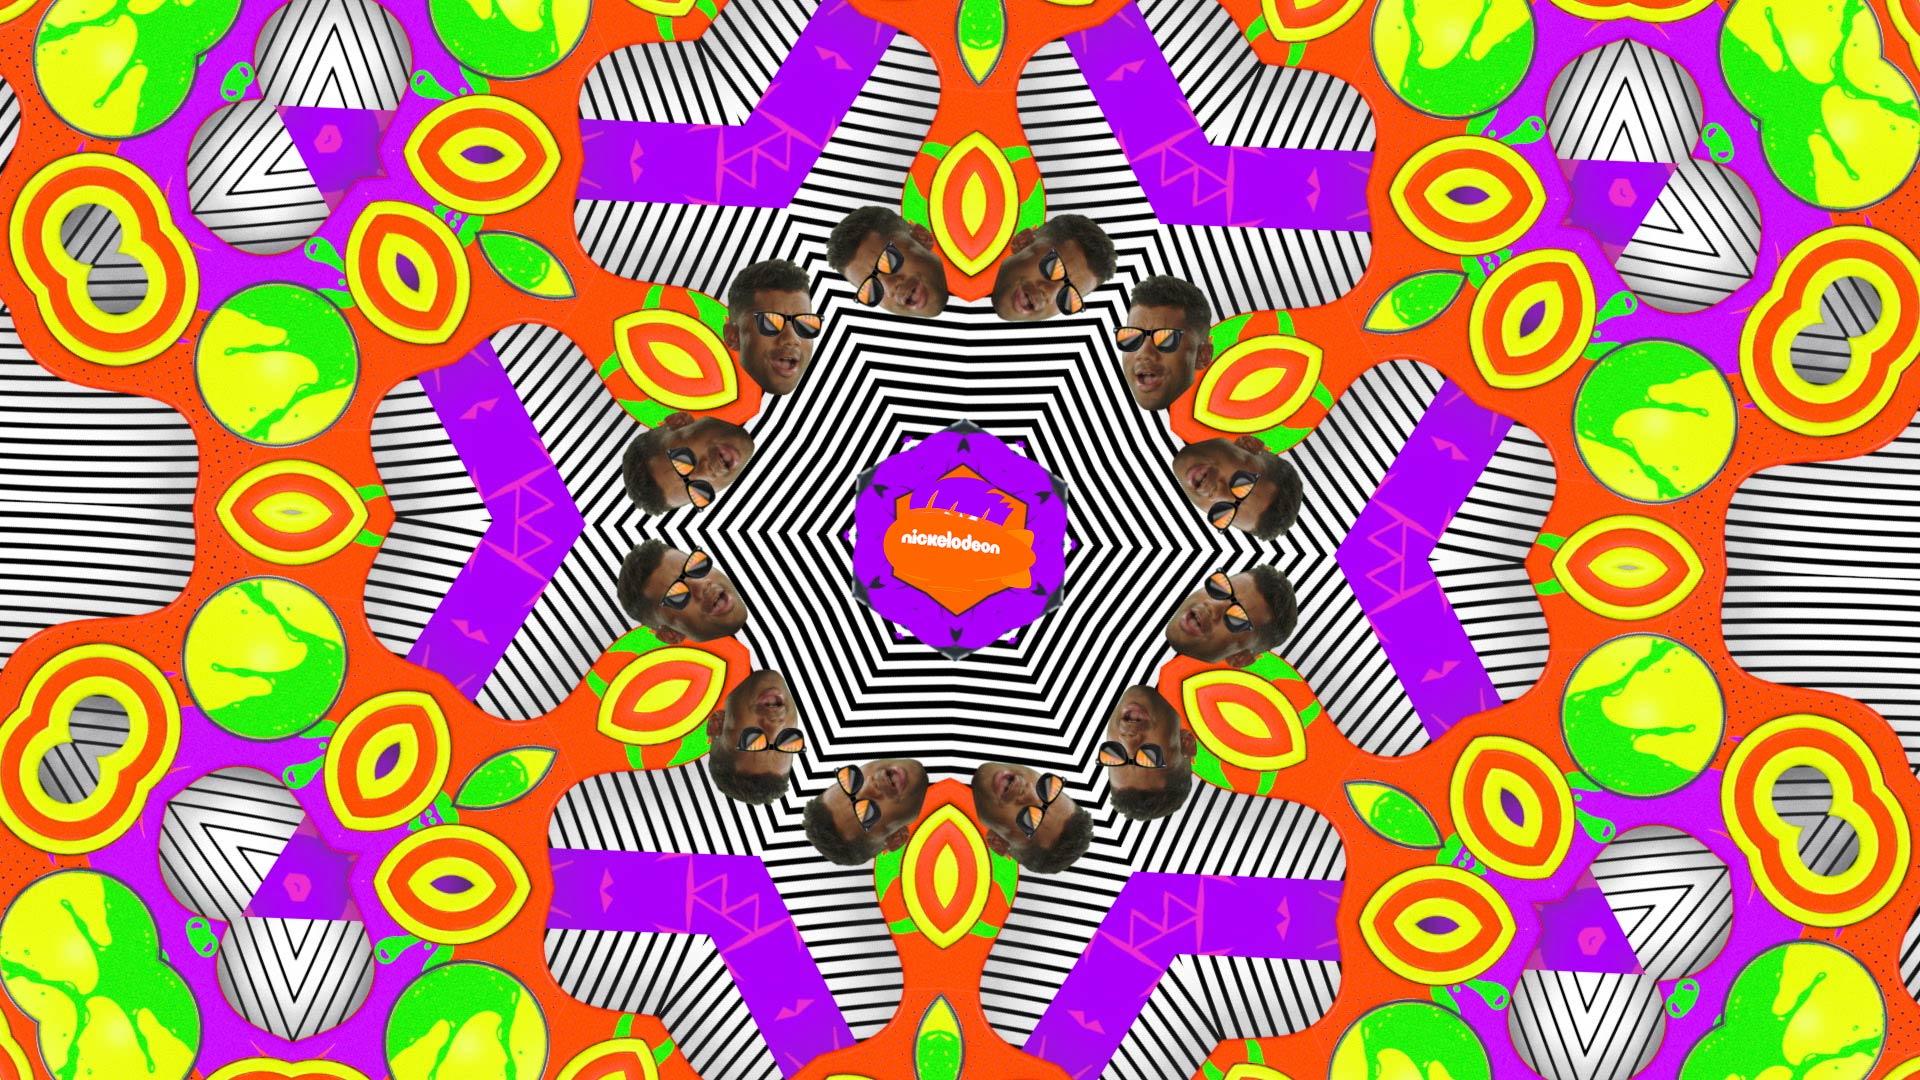 Nickelodeon_KCS_Touch_This_PreRenders (0-01-03-19).jpg